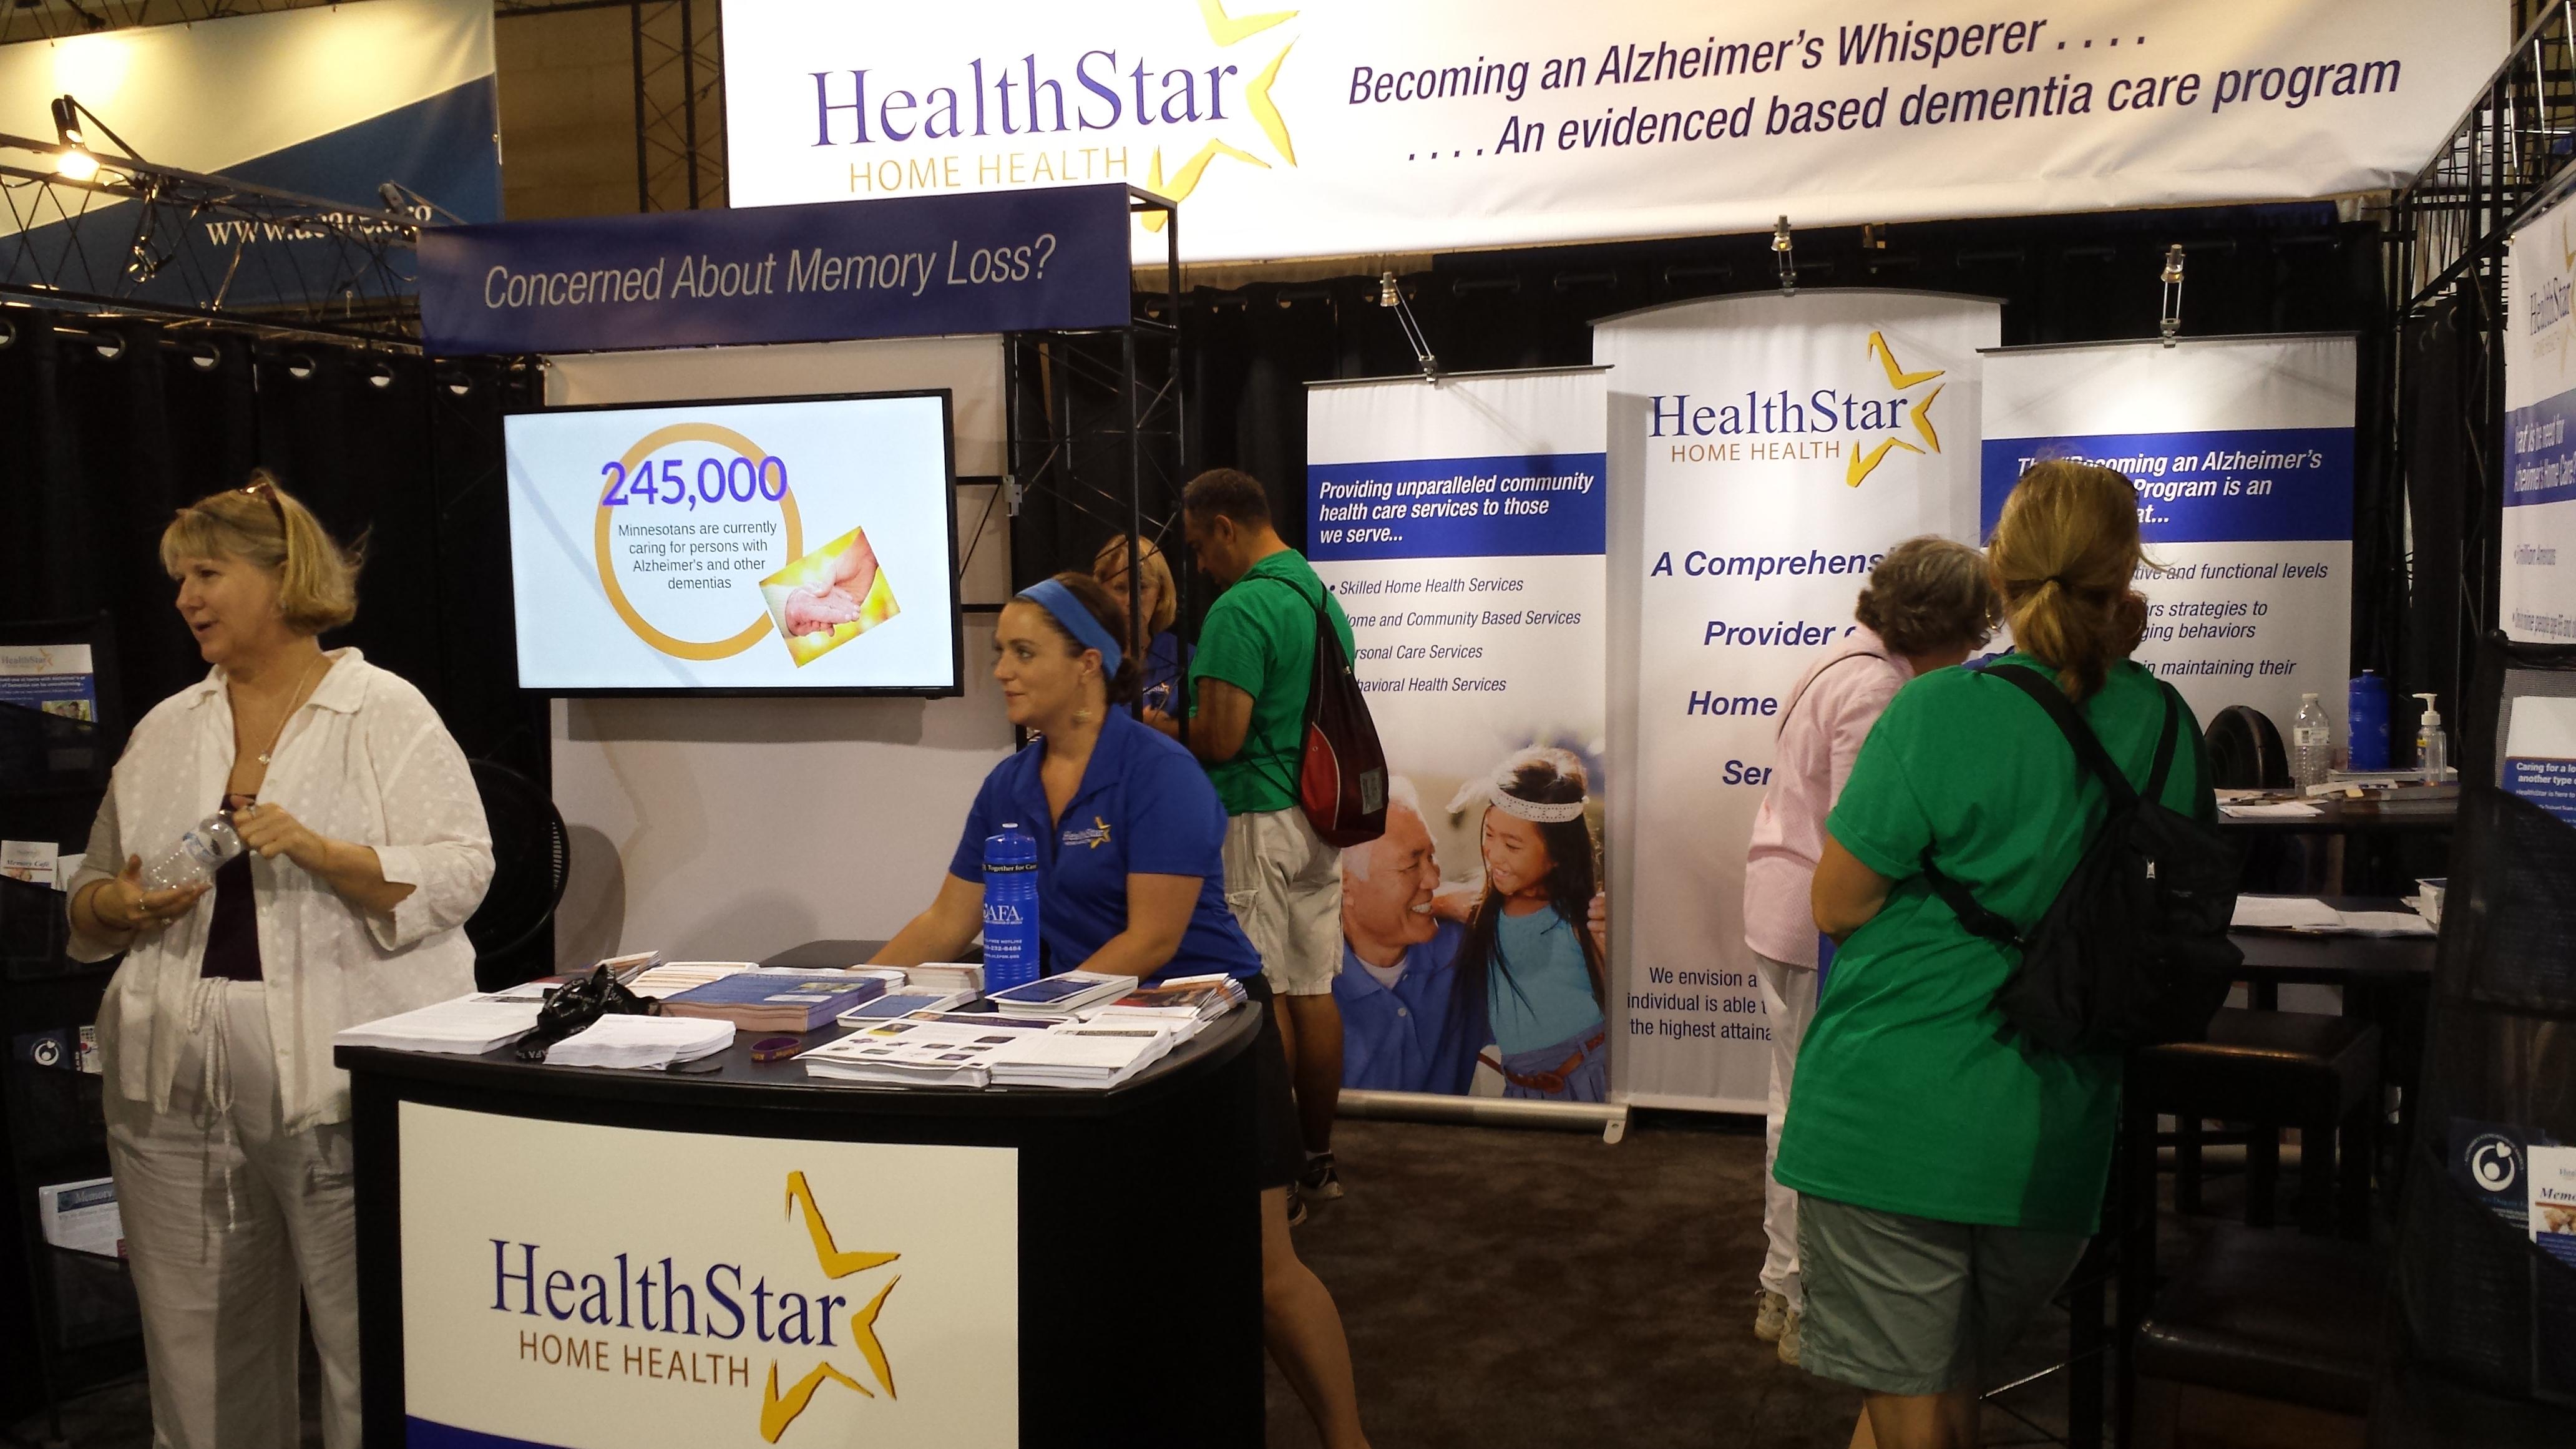 healthstar fair 7